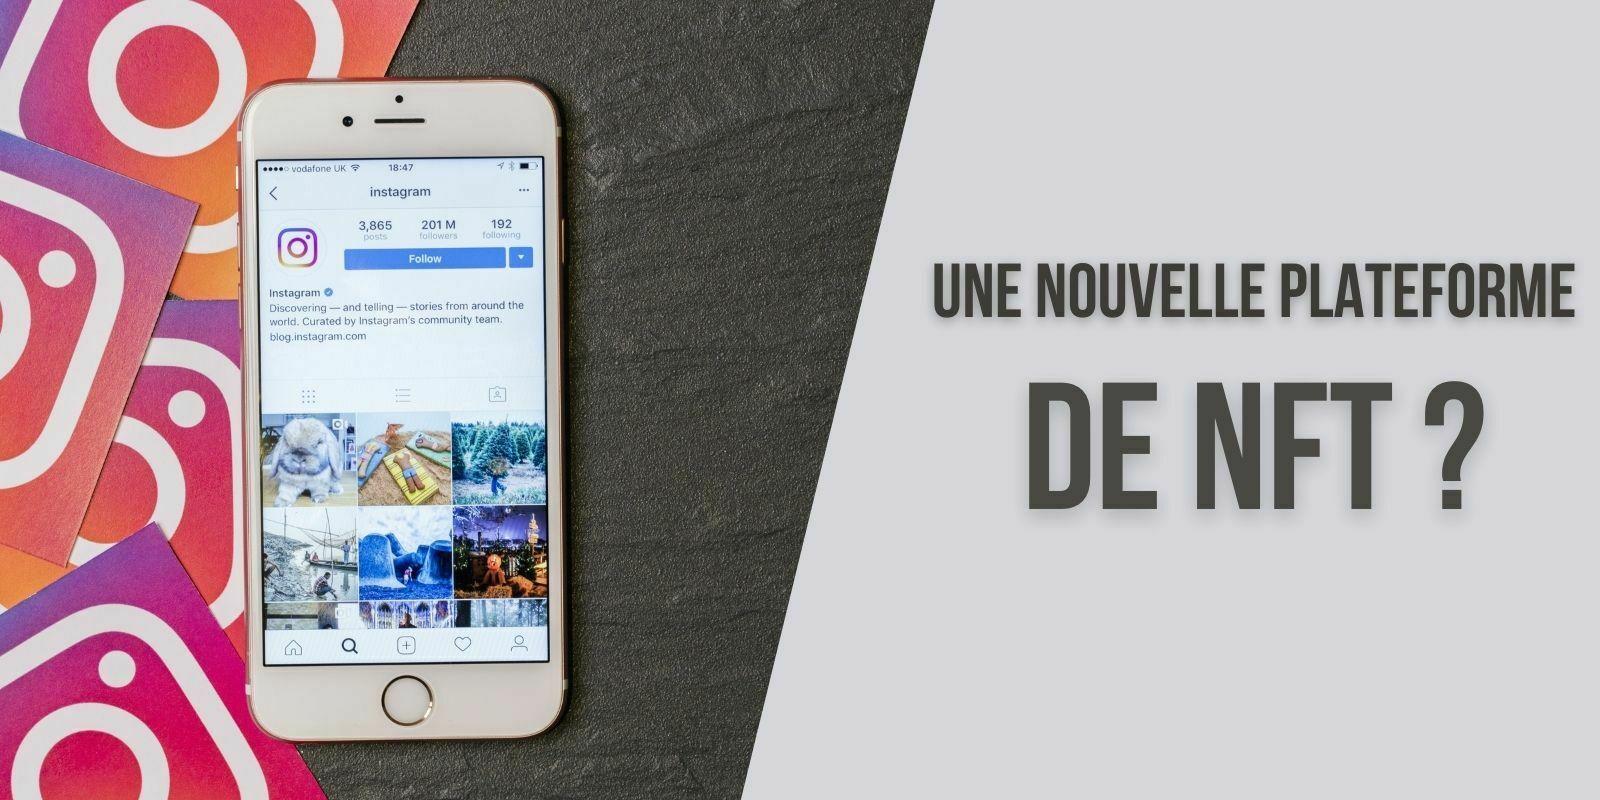 Instagram travaillerait sur une plateforme de tokens non fongibles (NFT)